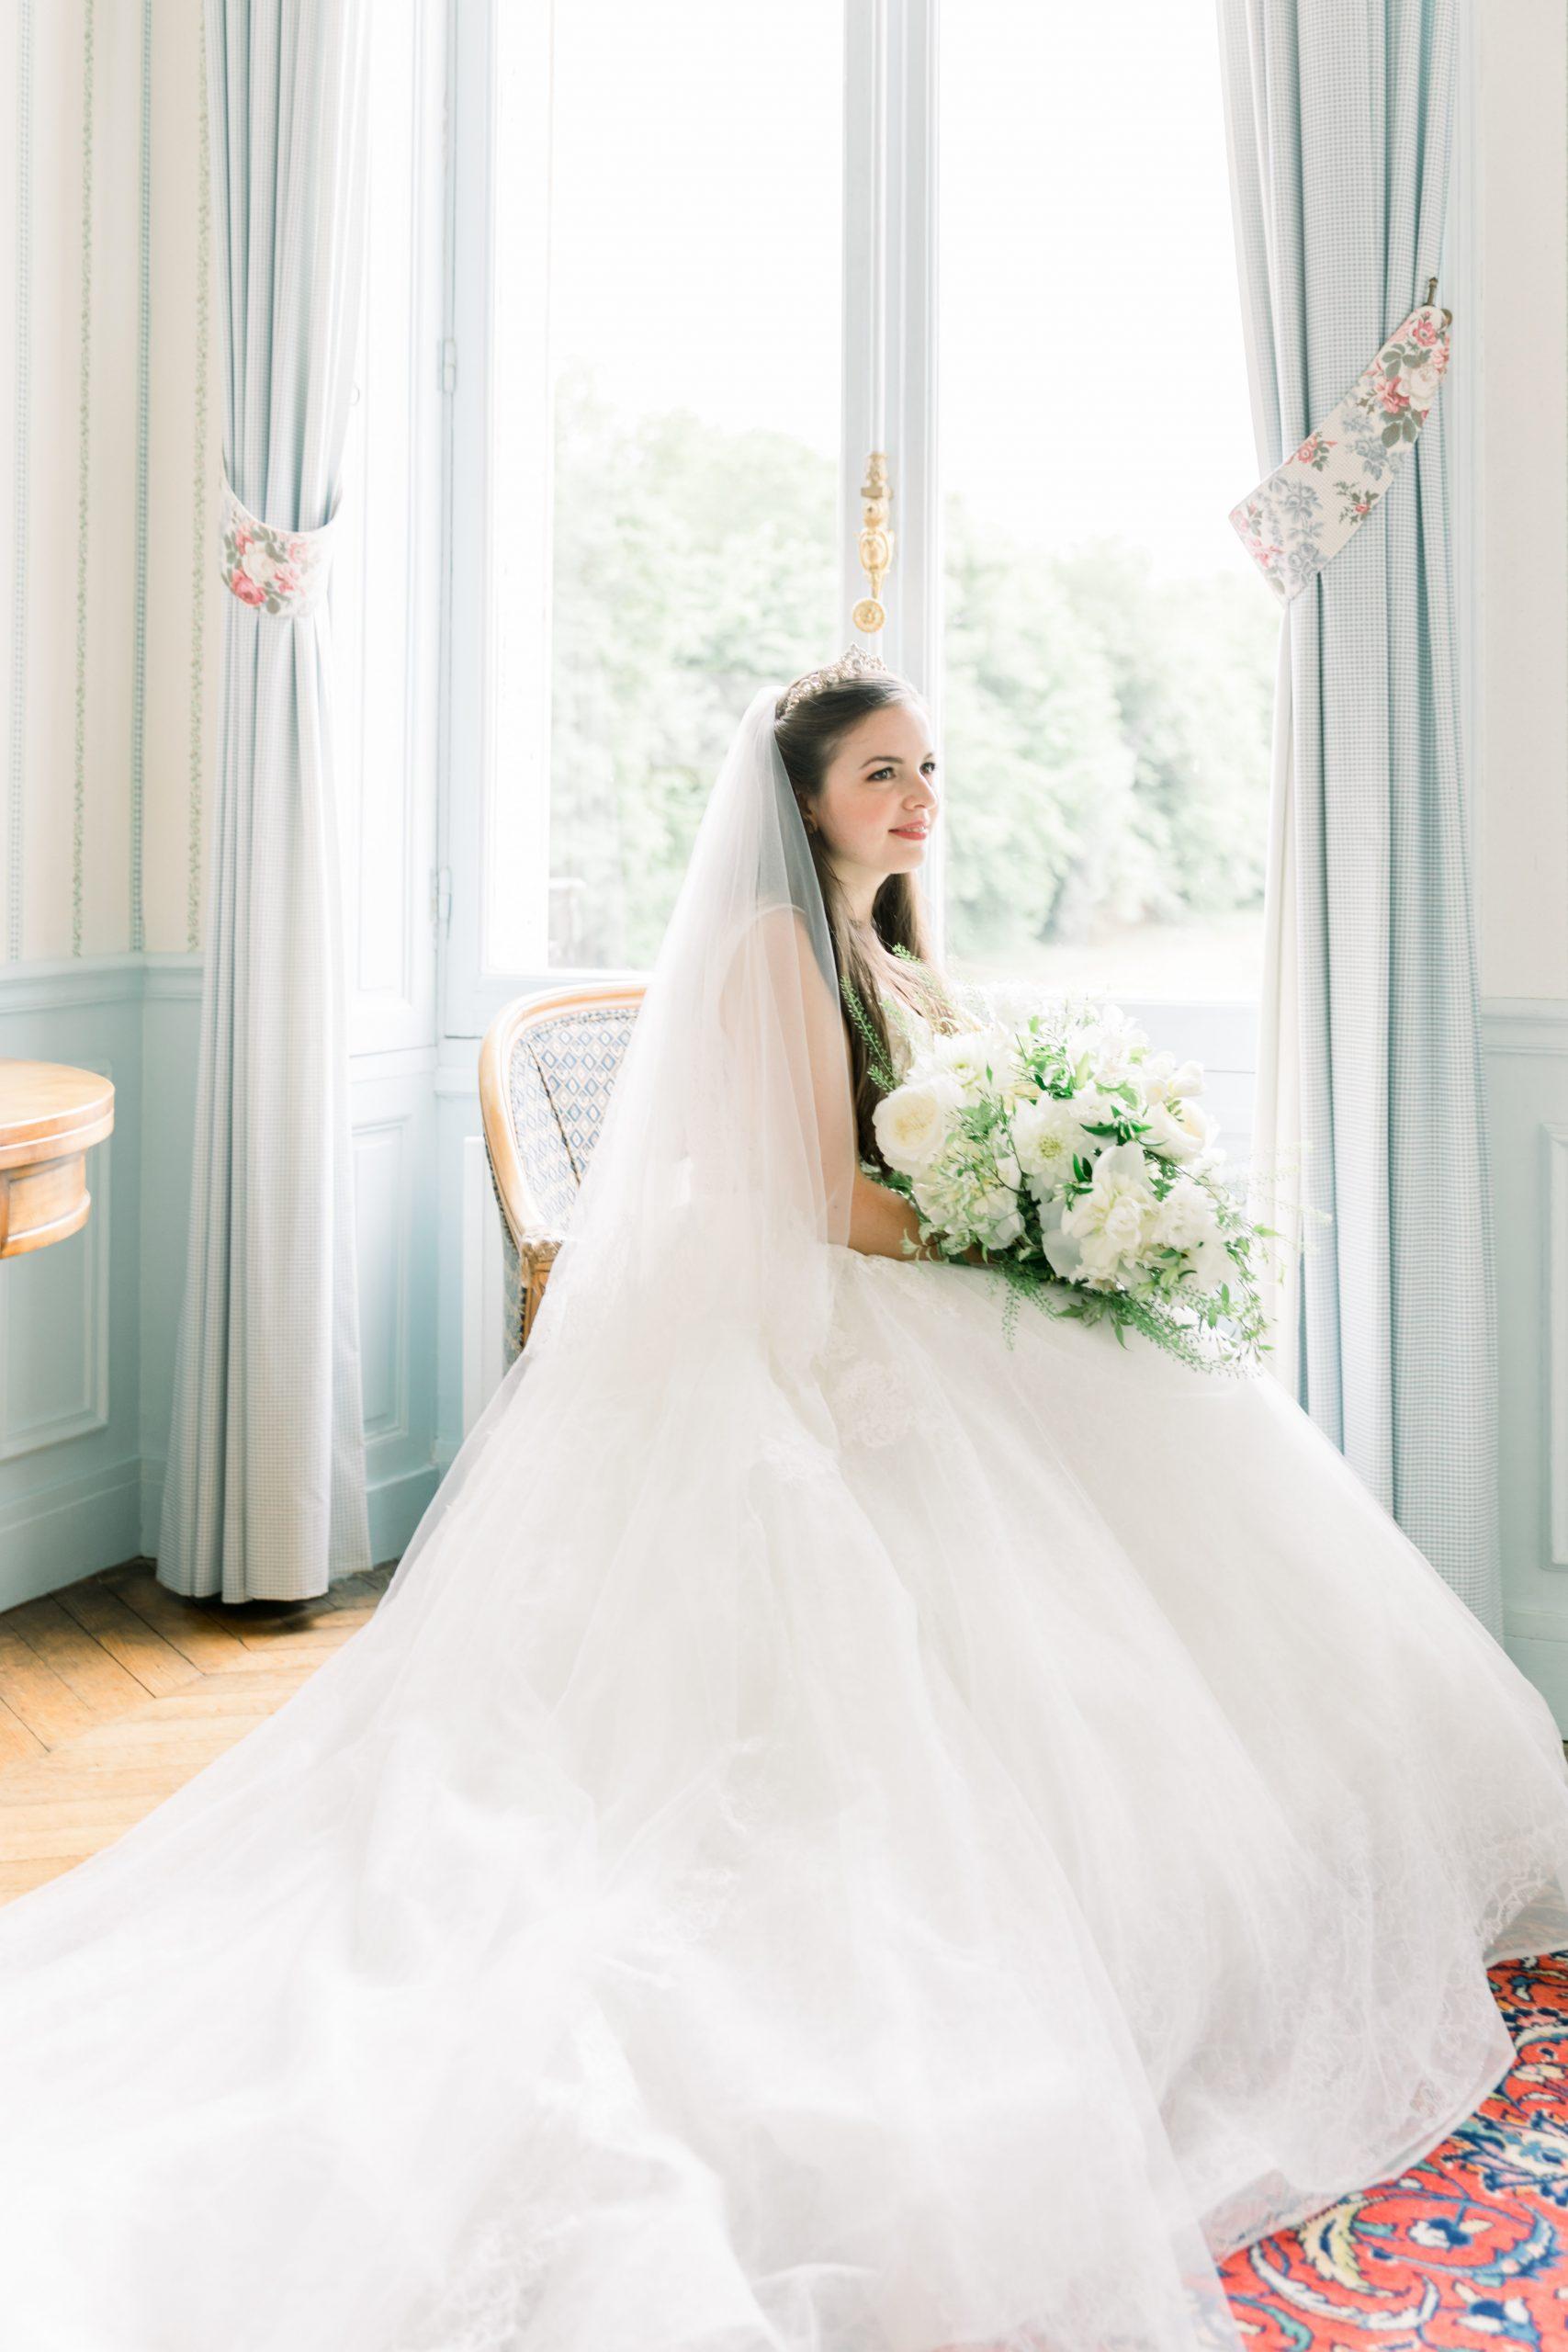 Justine Huette Wedding planner haut de gamme Paris/Île-de-France - Chateau de Dangu